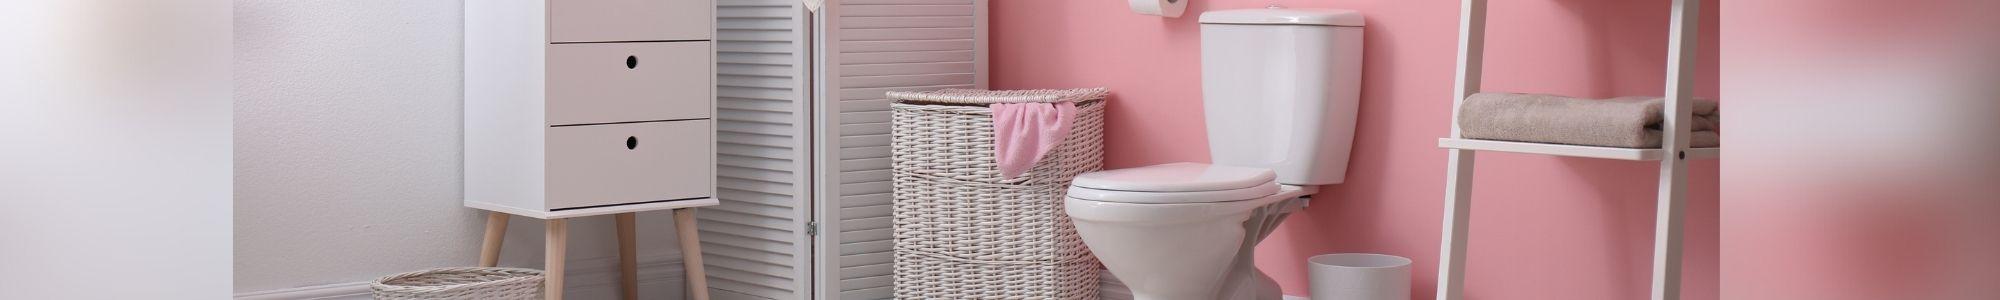 Vaso sanitário com caixa acoplada: use e economize mais água